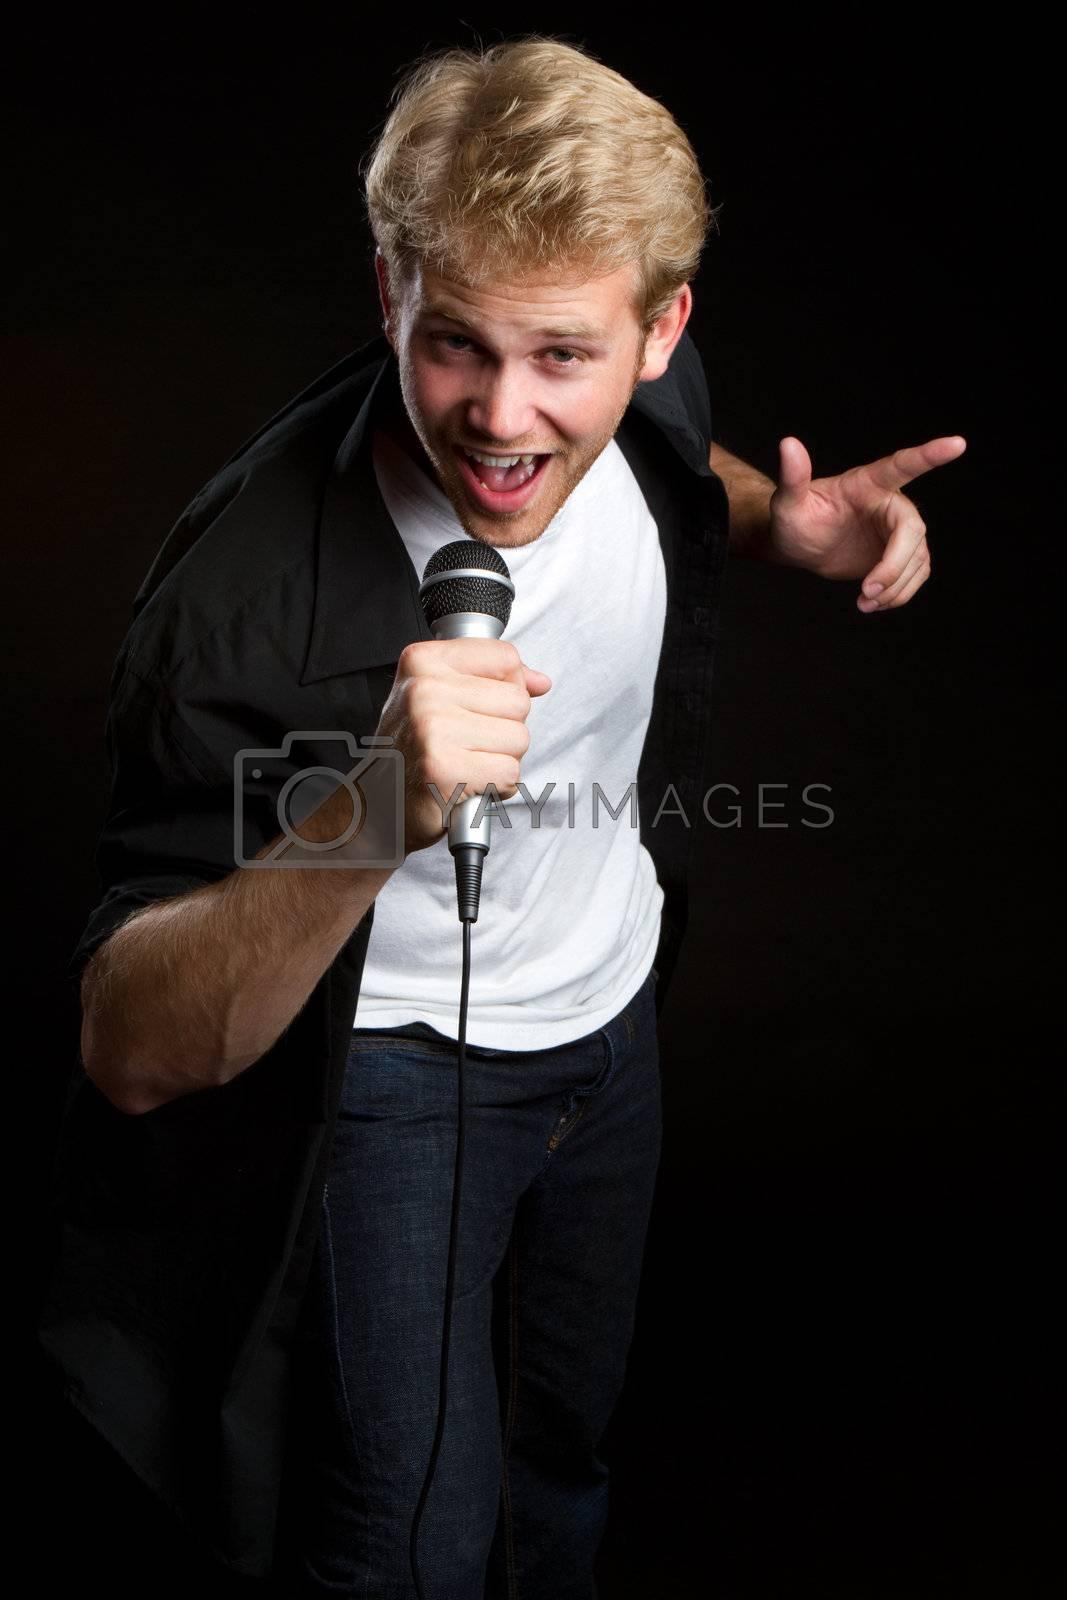 Male singer singing karaoke music